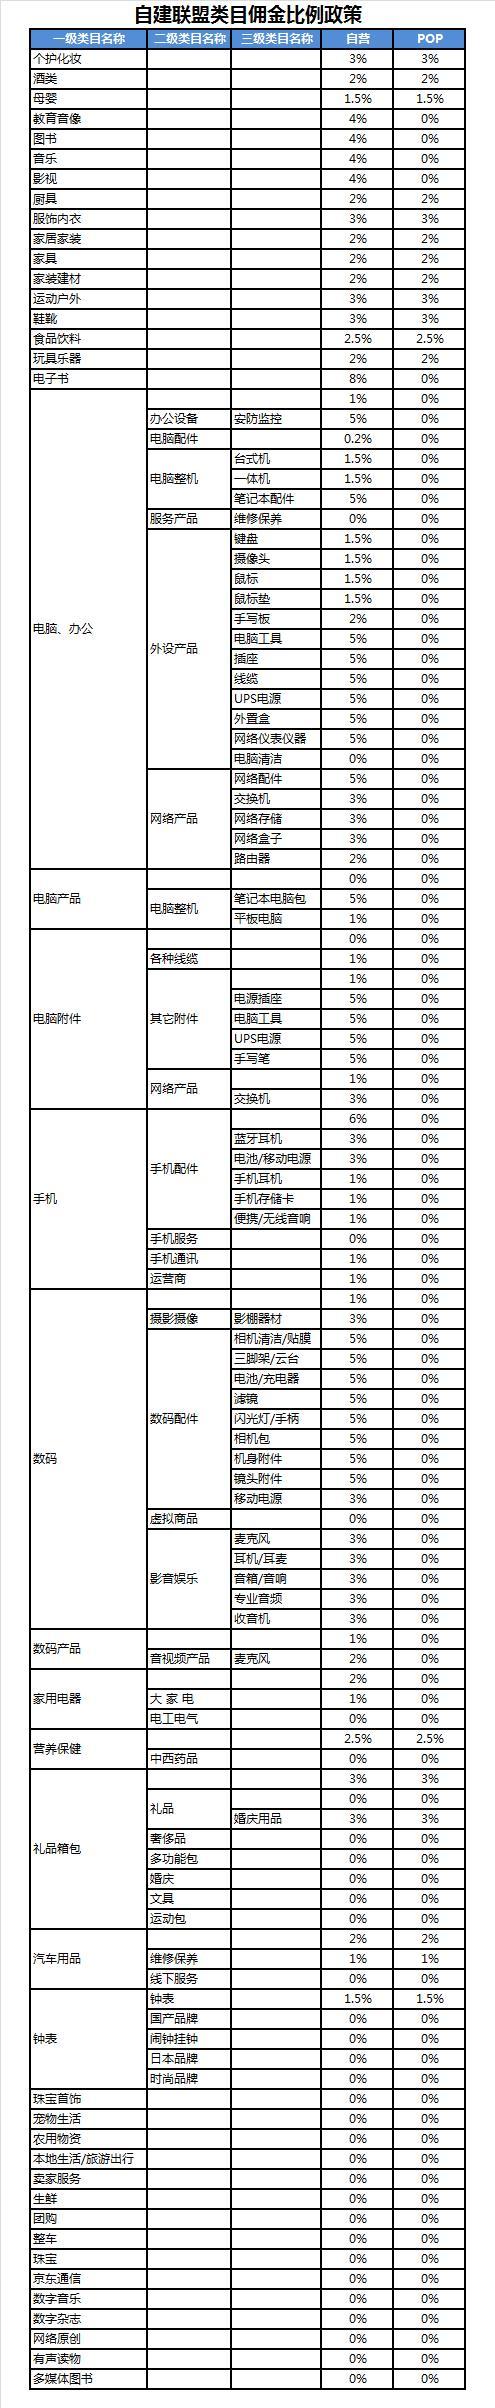 京东CPS联盟类目佣金比例变更公告